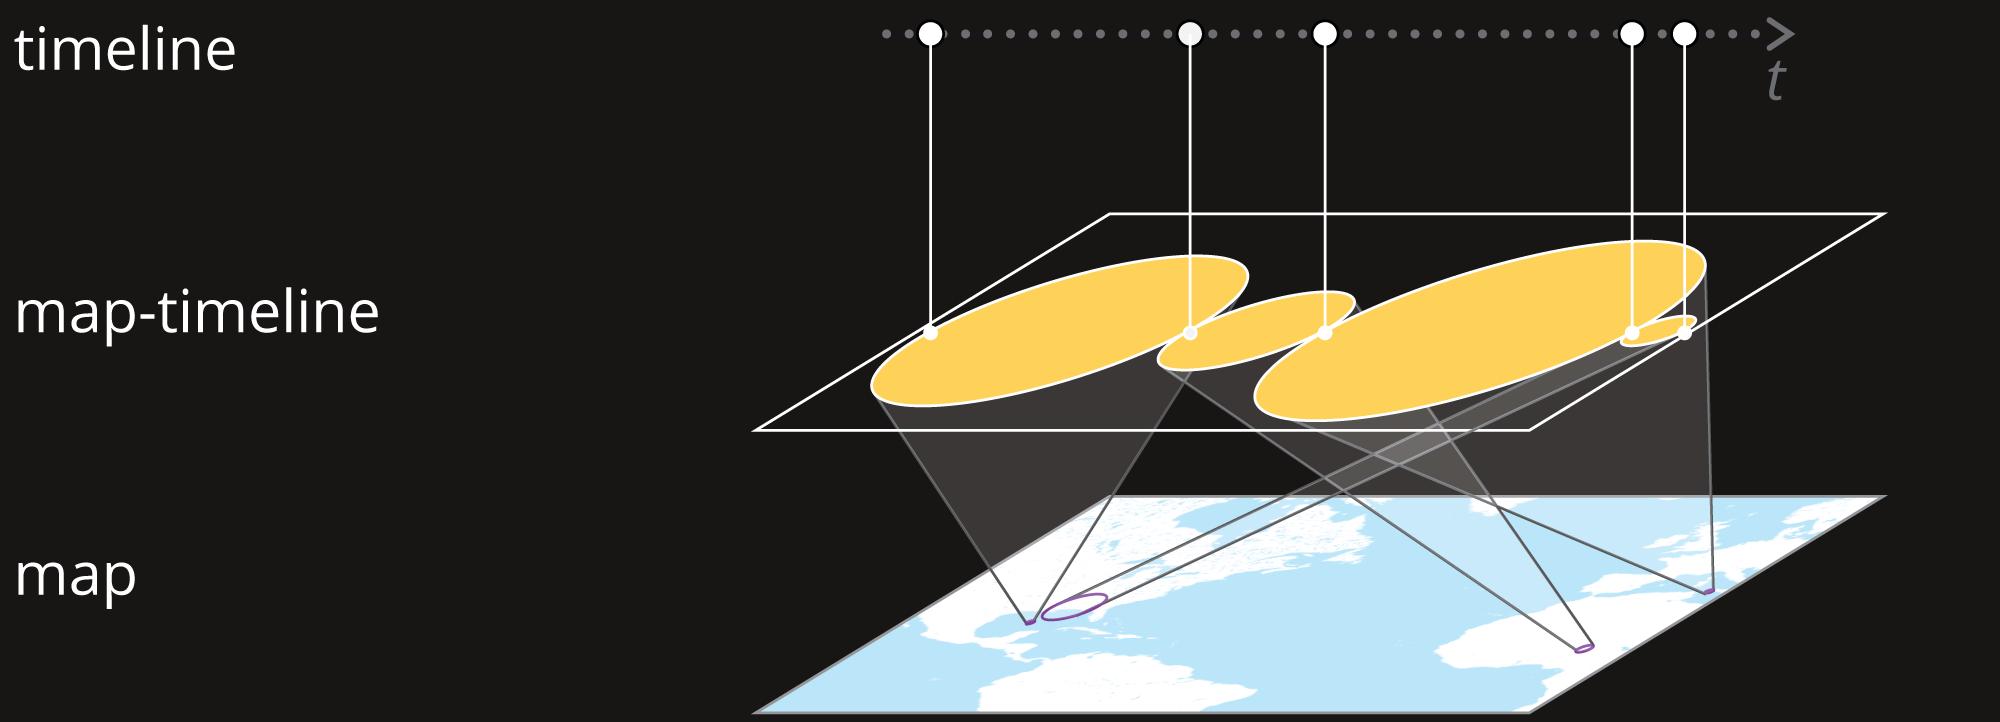 map-timeline-concept_lg